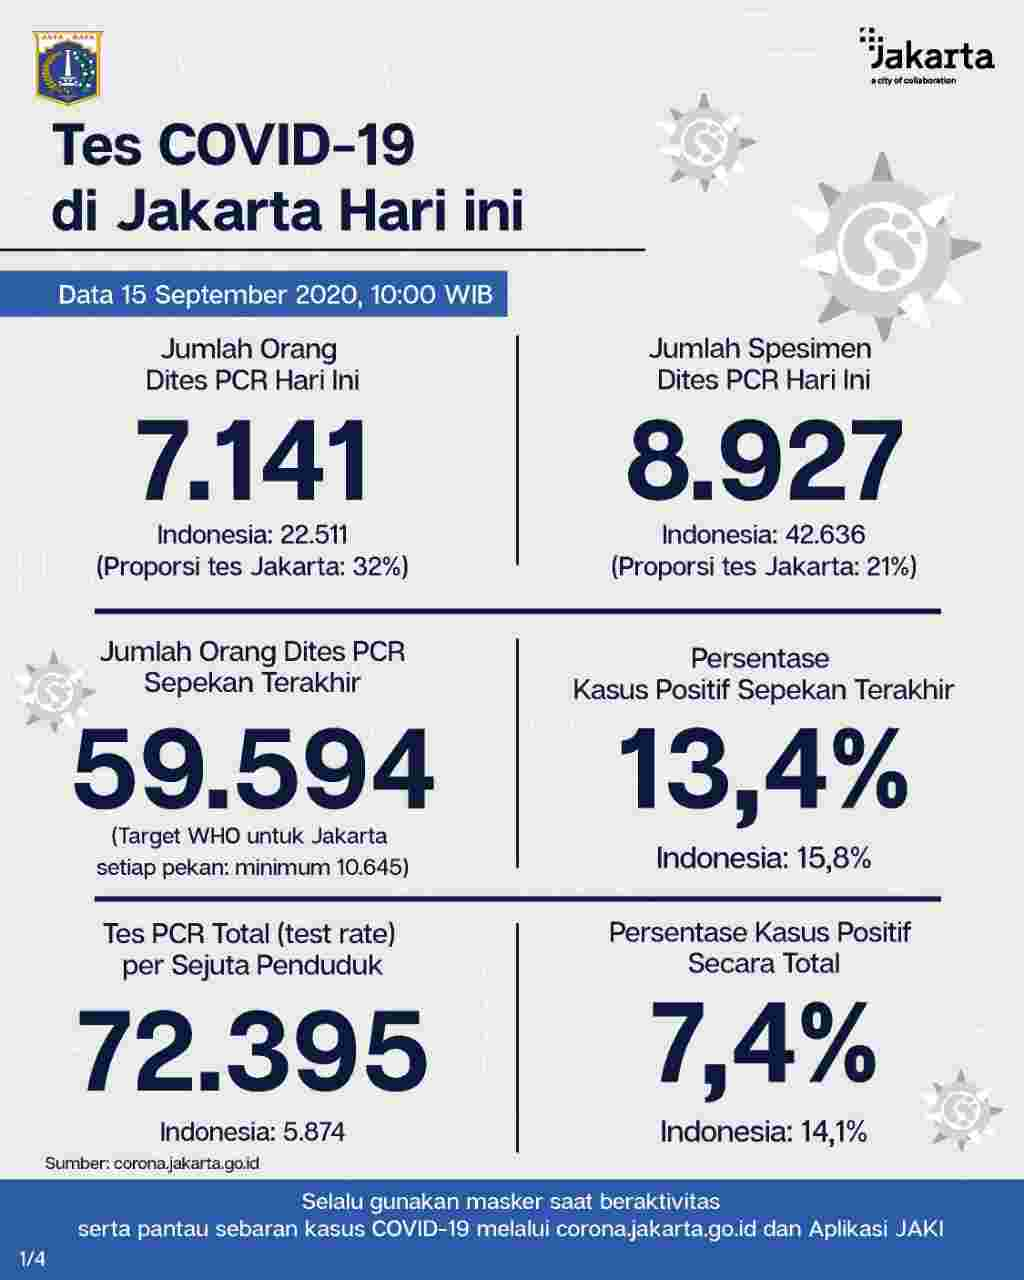 Perkembangan Covid-19 Di Jakarta Per 15 September 2020.